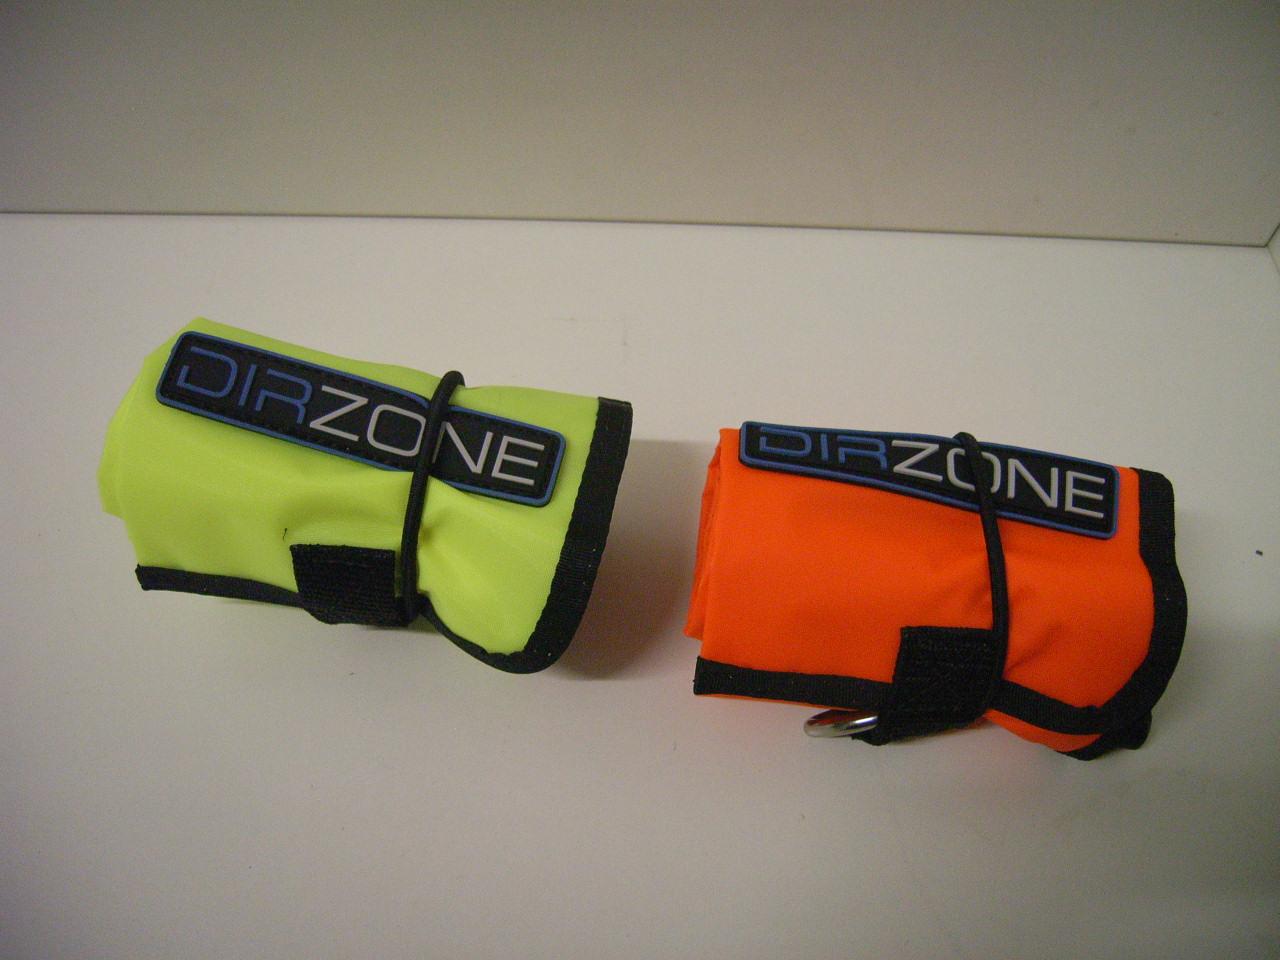 DIR Zone Dekoboje 120 cm in orange oder gelb